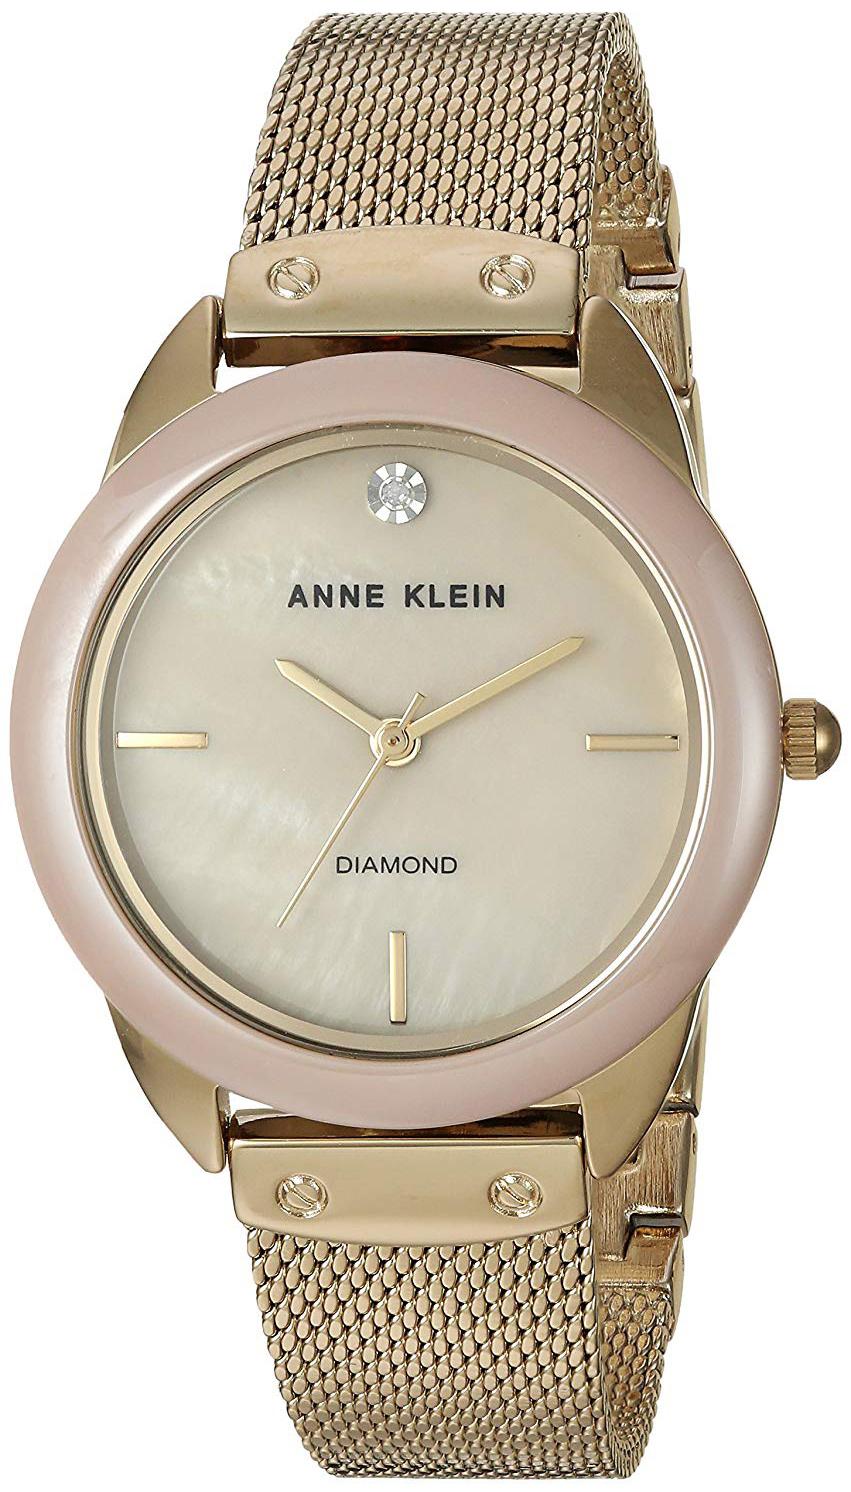 Anne Klein Diamond Dameklokke AK/3258TNGB Beige/Gulltonet stål Ø32 - Anne Klein